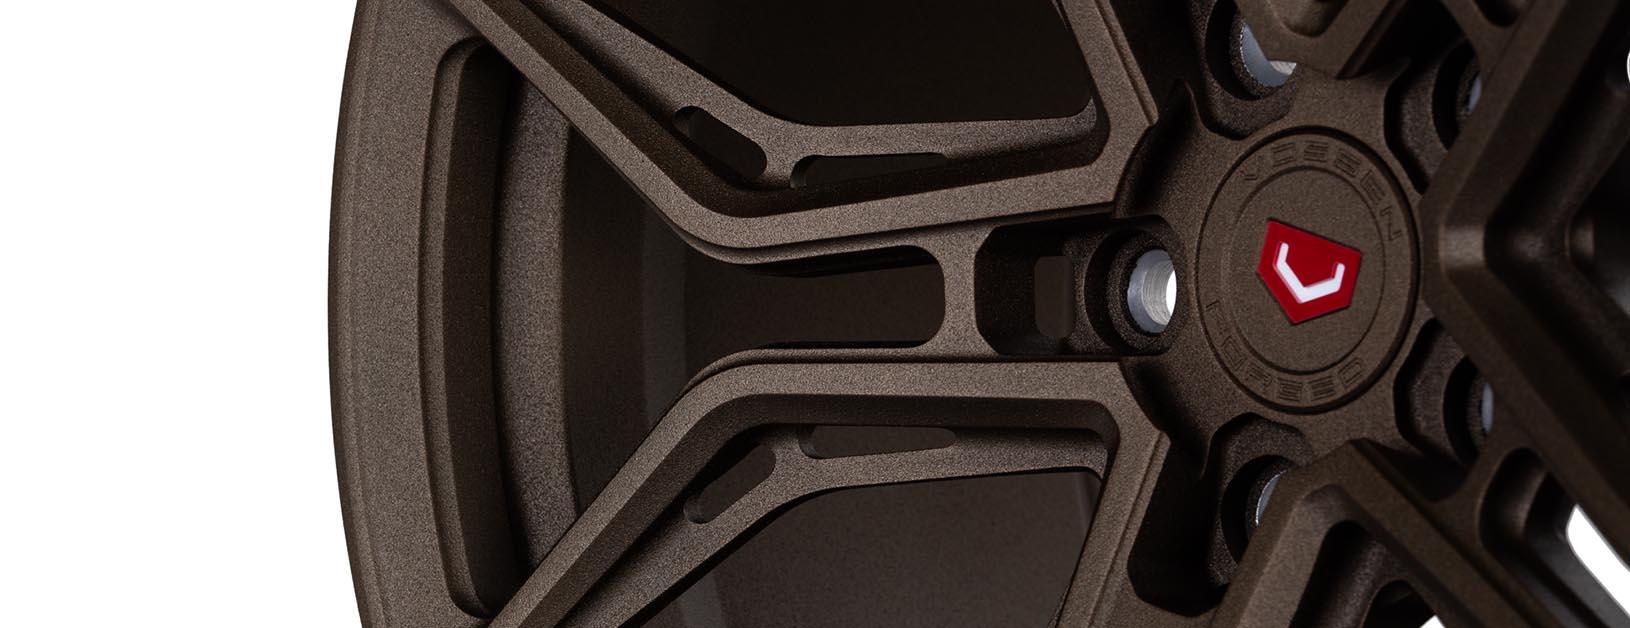 Vossen-EVO-3R-C40-Textured-Bronze-EVO-Series-©-Vossen-Wheels-2019-0706-Edit